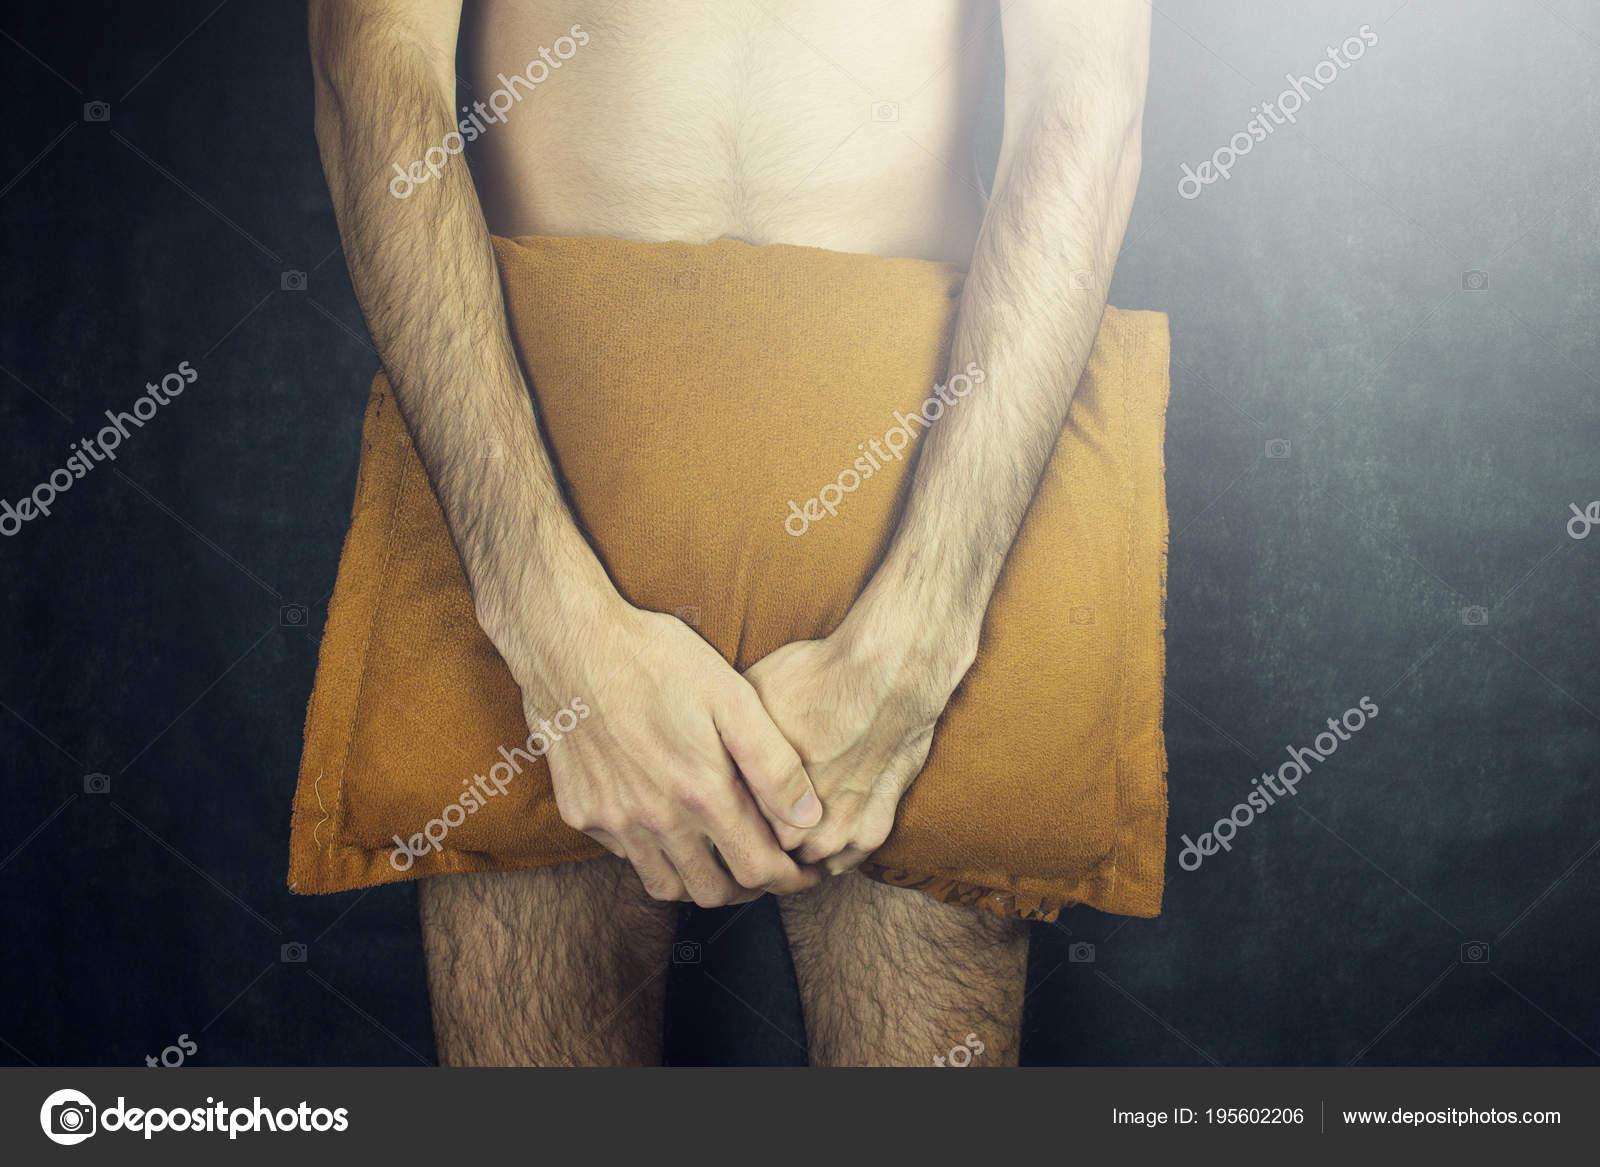 πέος στην εικόνα